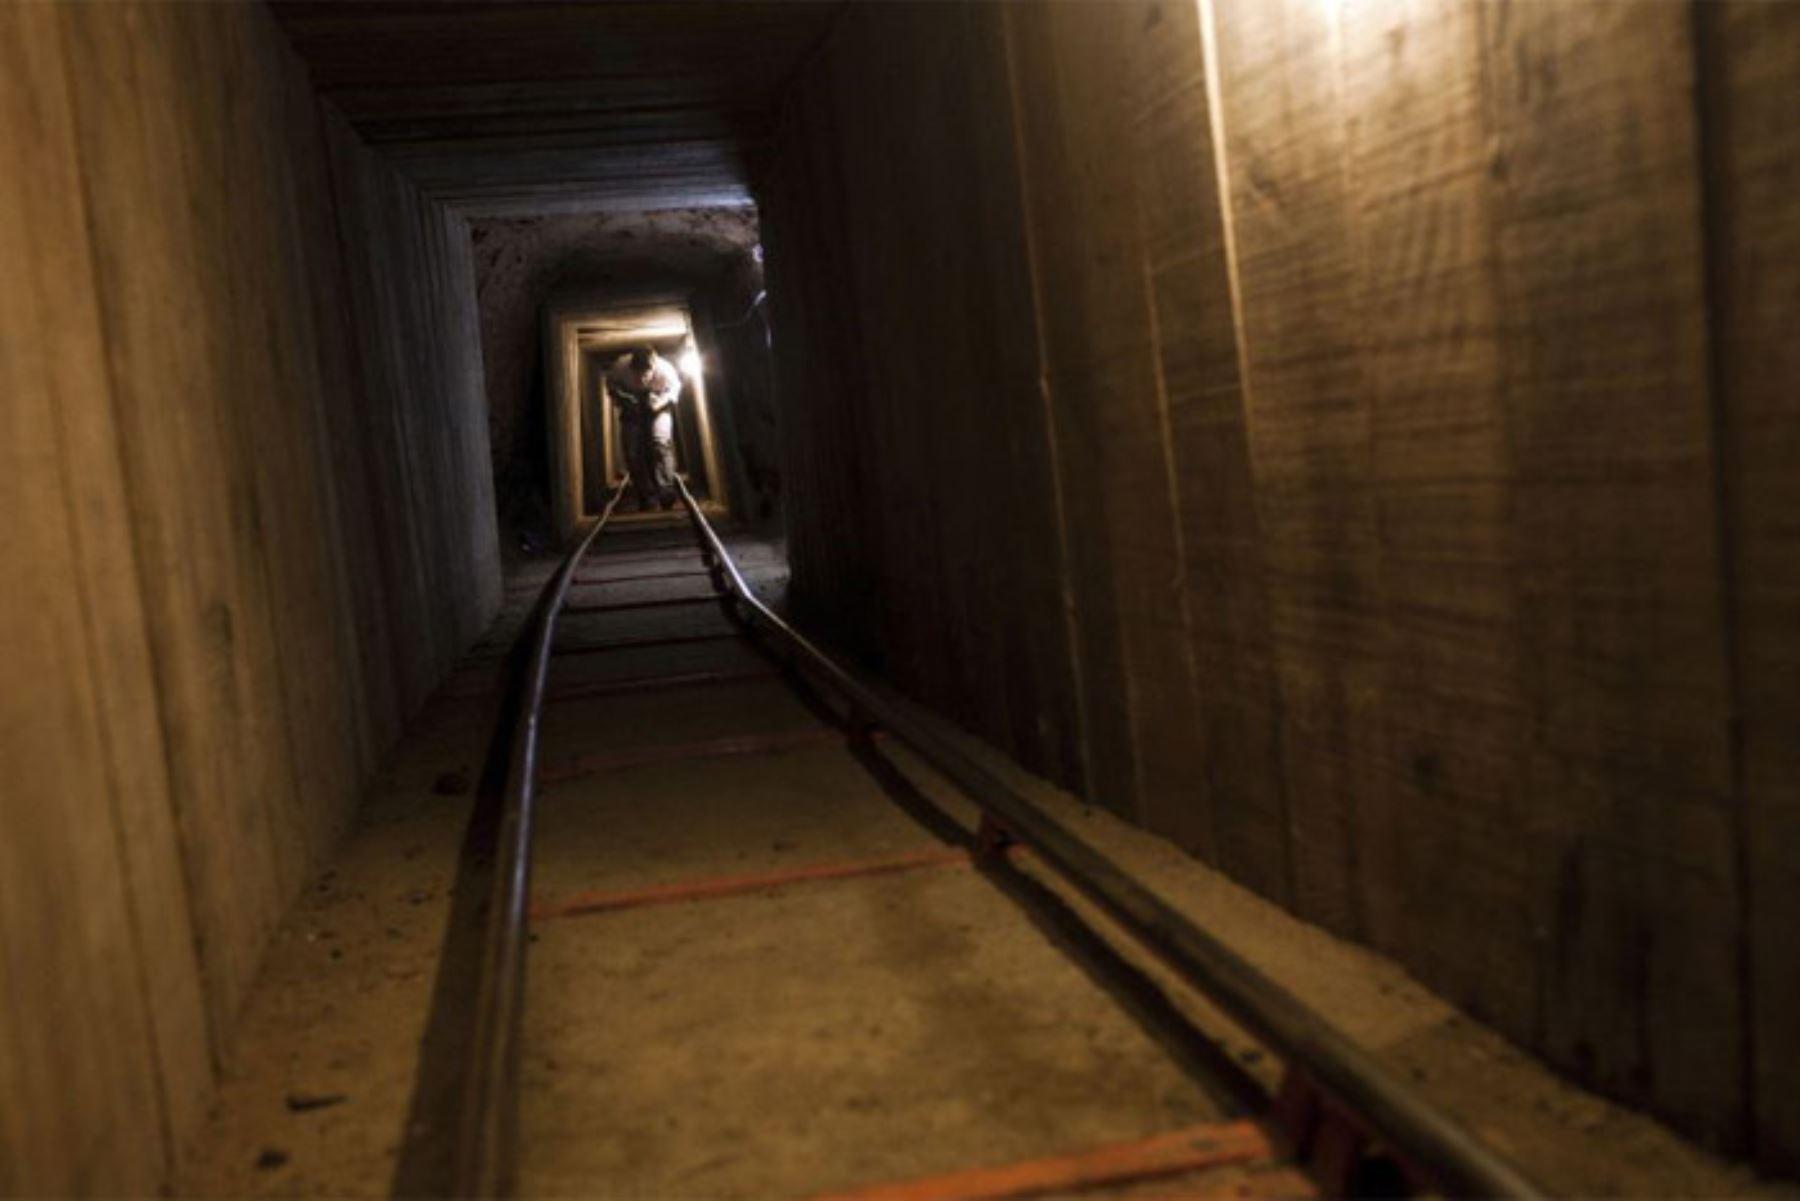 El túnel está equipado con un sistema de ventilación, líneas de agua, cableado eléctrico, sistema de rieles, refuerzo extenso y apuntalamiento mediante una técnica conocida por su uso común en sofisticados túneles subterráneos. Foto: Internet